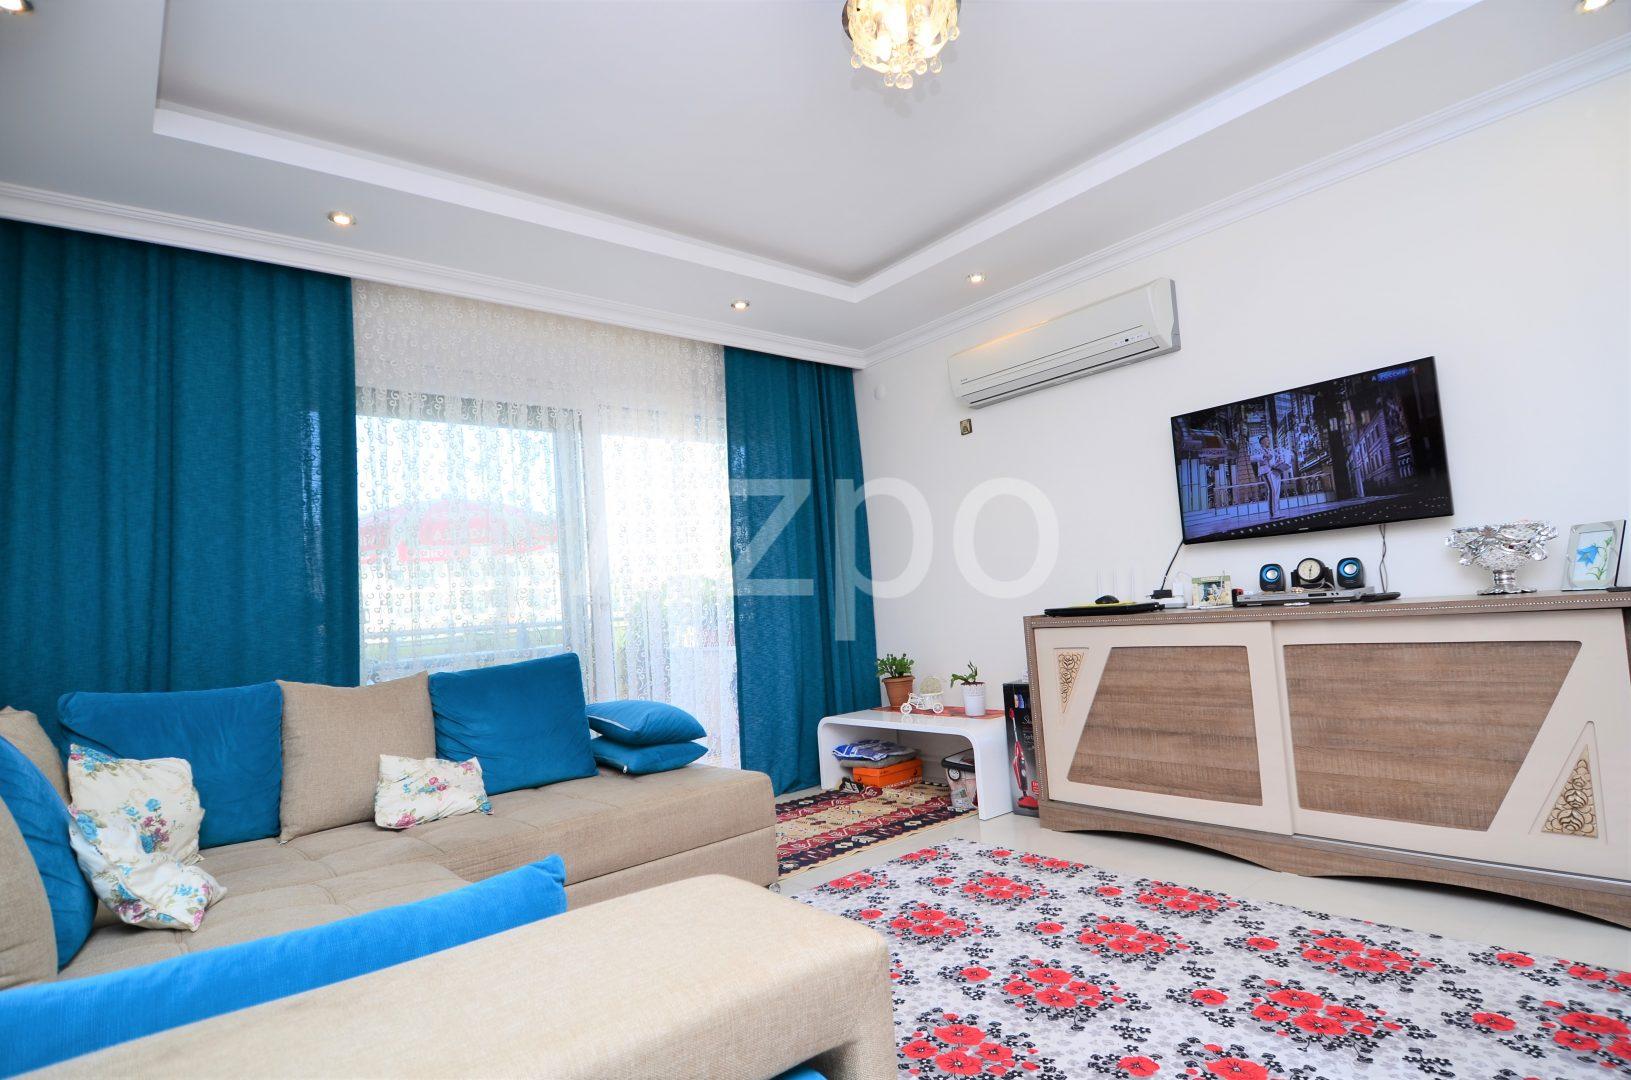 Меблированная квартира планировки 1+1 - Фото 11